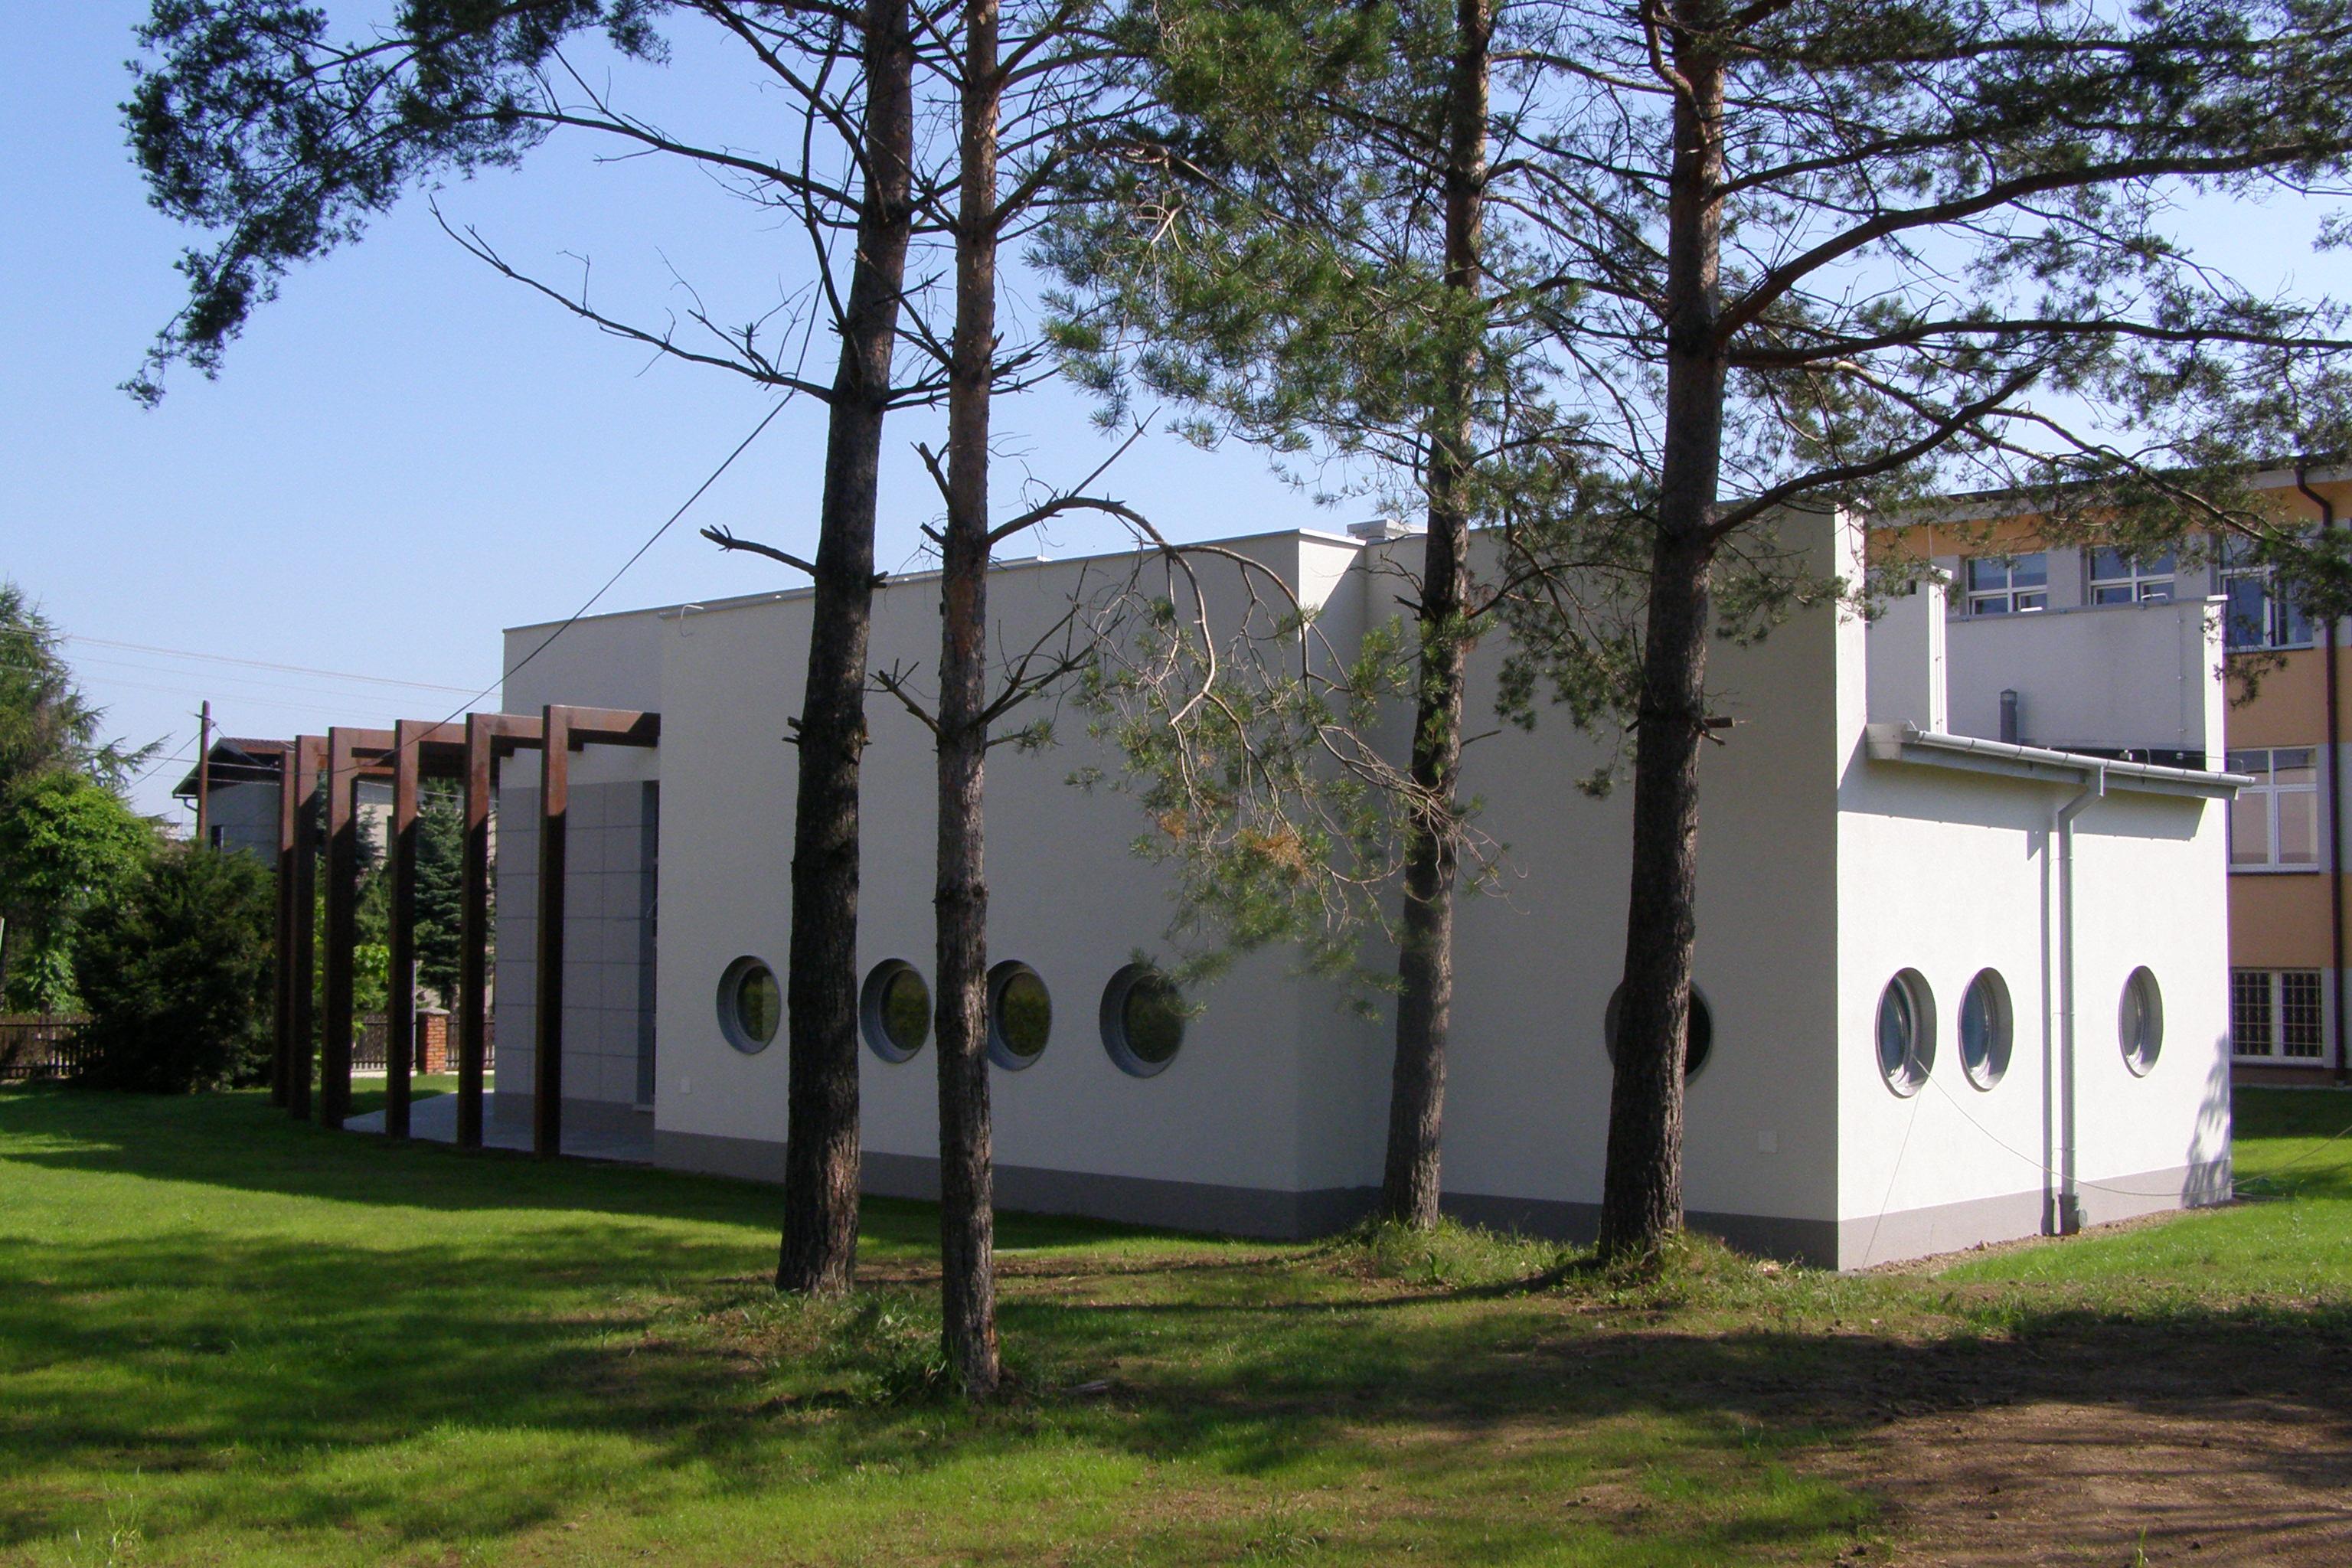 Muzeum fauny i flory śródlądowej i morskiej w Jaworzu wśród drzew